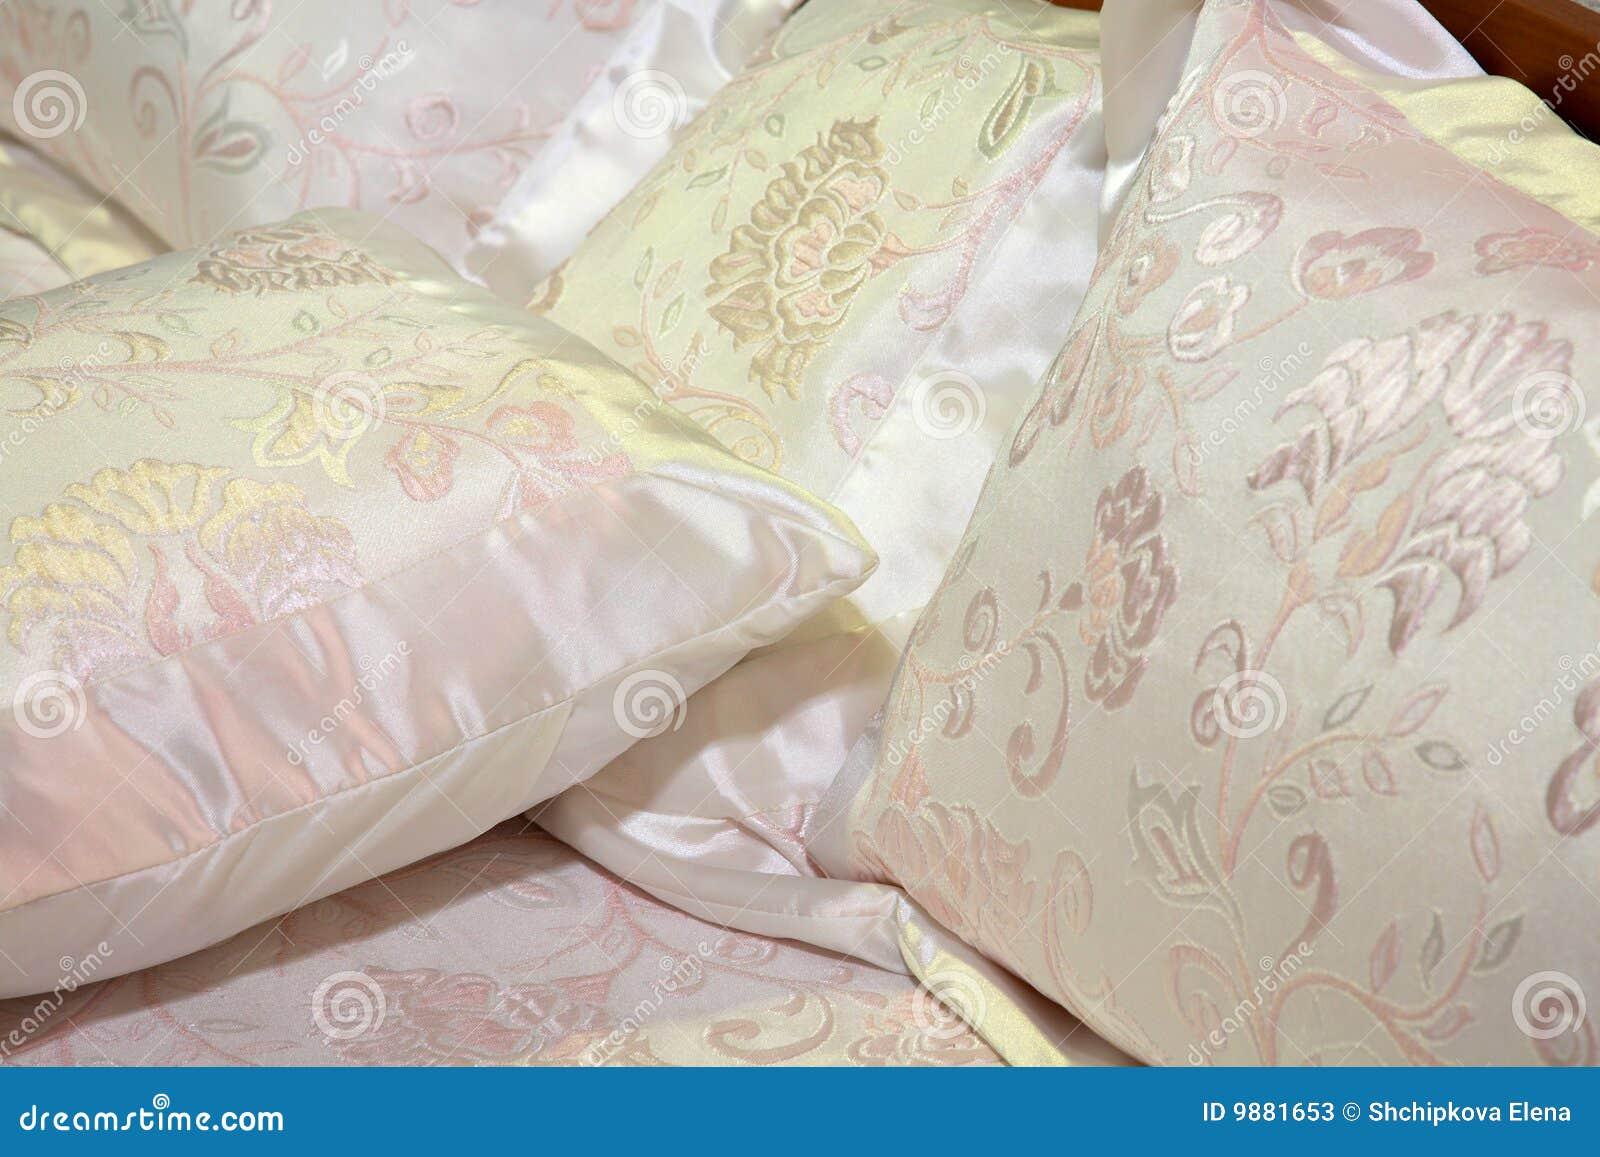 Coperte da letto di seta fotografie stock immagine 9881653 - Coperte da letto ...